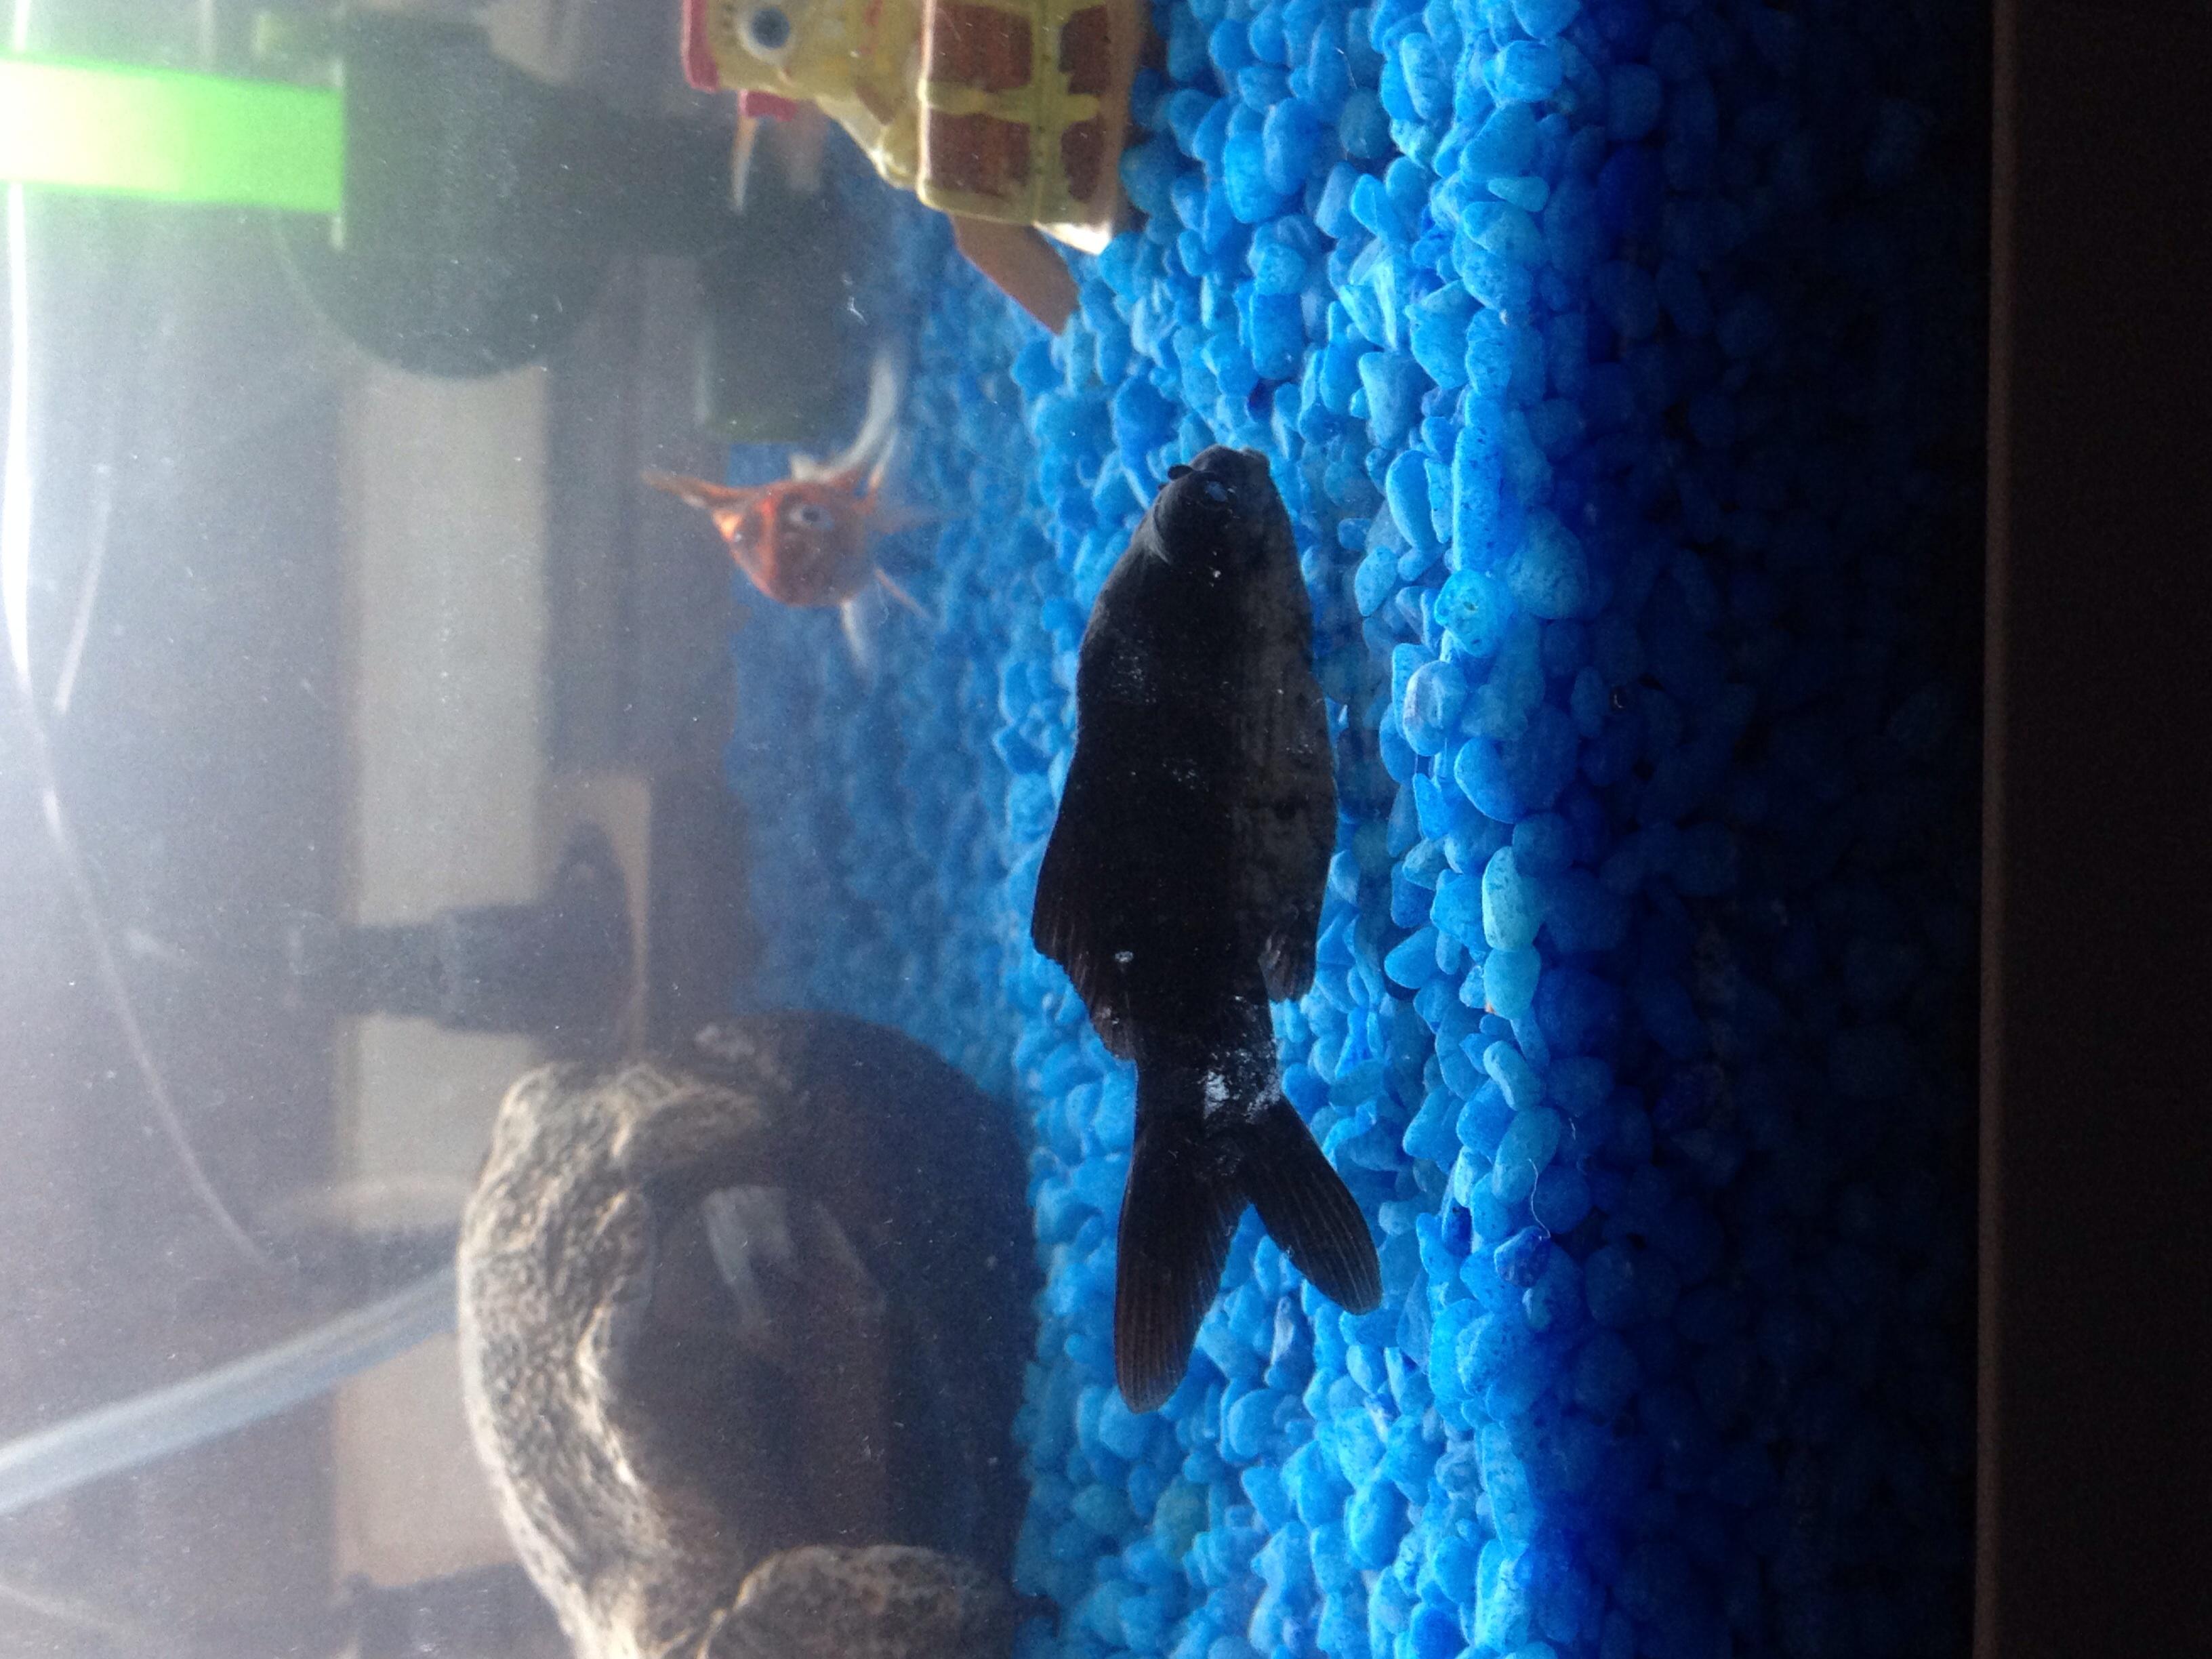 Teleskopaugefisch liegt nur am boden fische aquarium for Aquarium goldfische